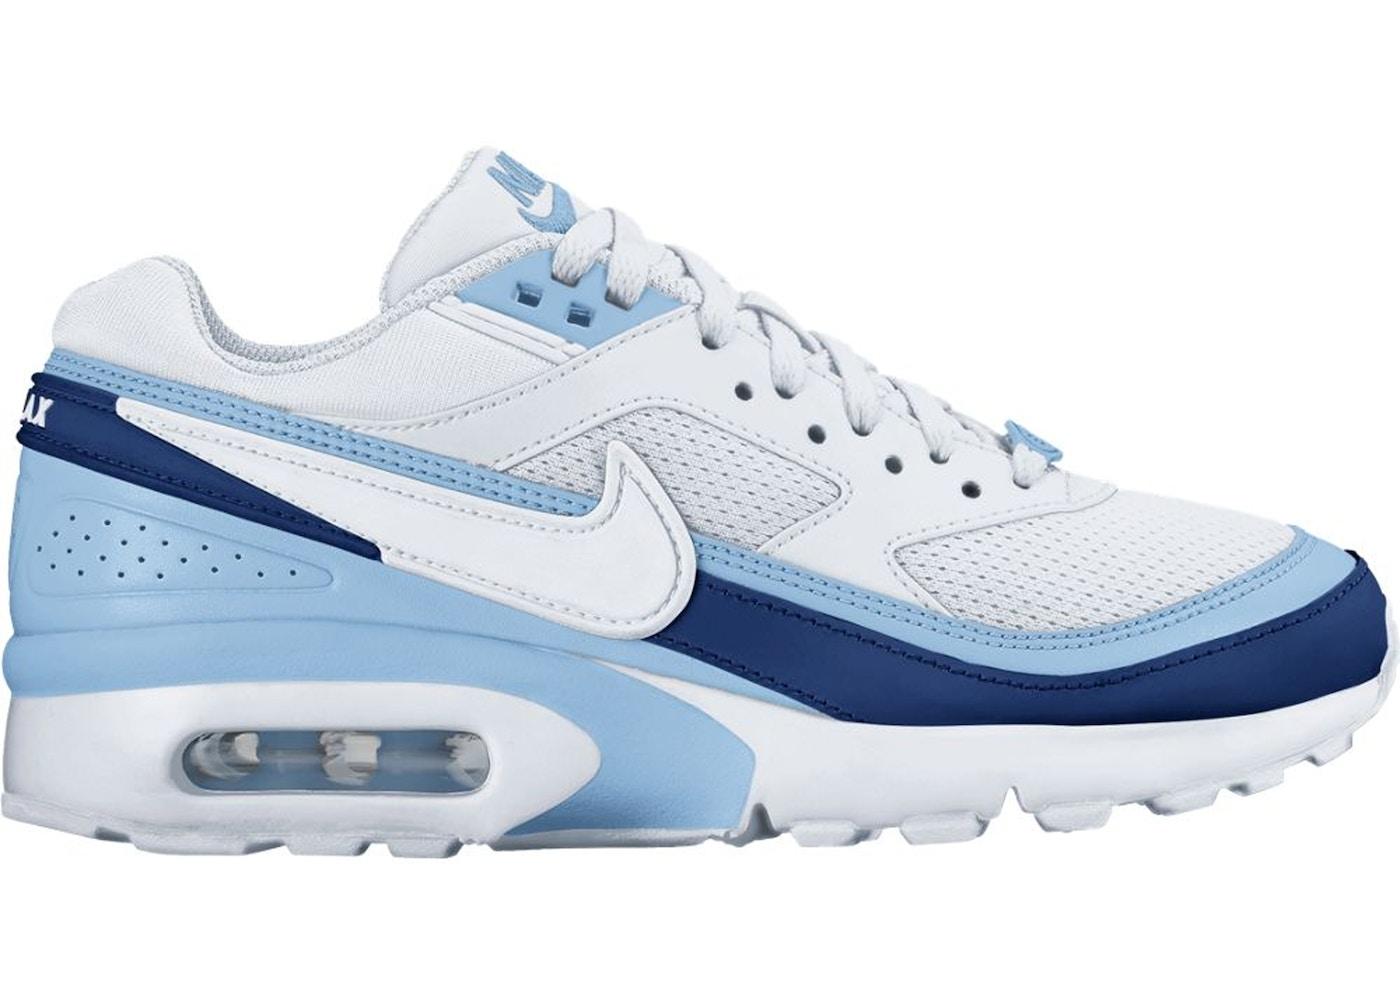 size 40 b3bd0 e3abe Air Max BW Blue Cap (GS) - 834224-400